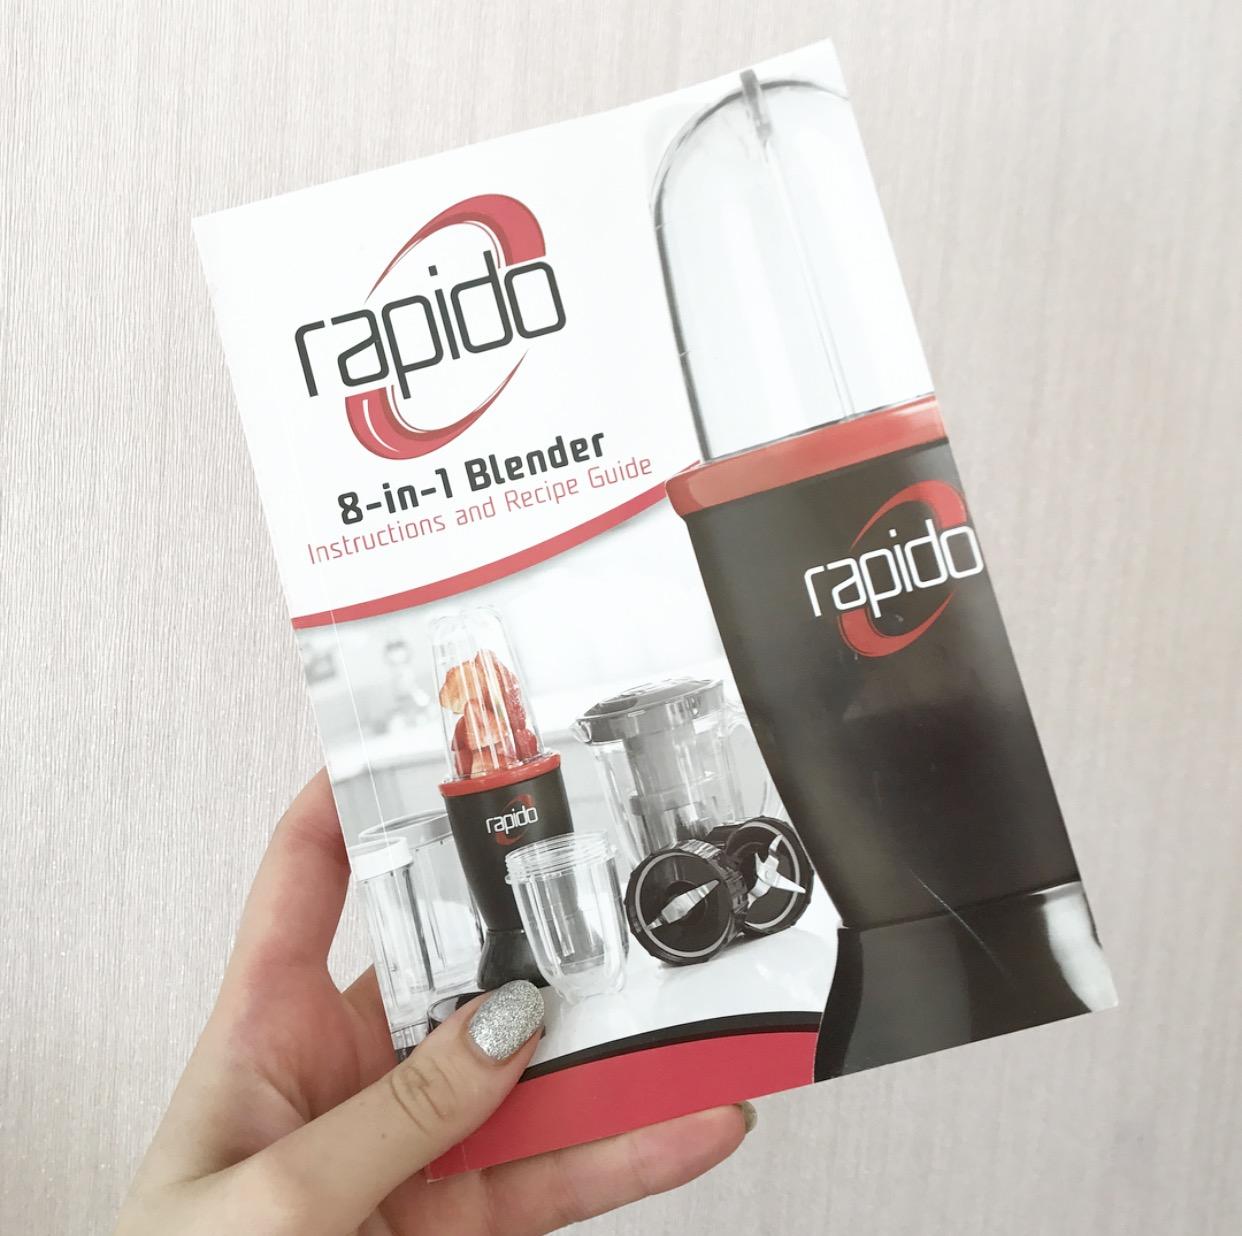 rapido blender